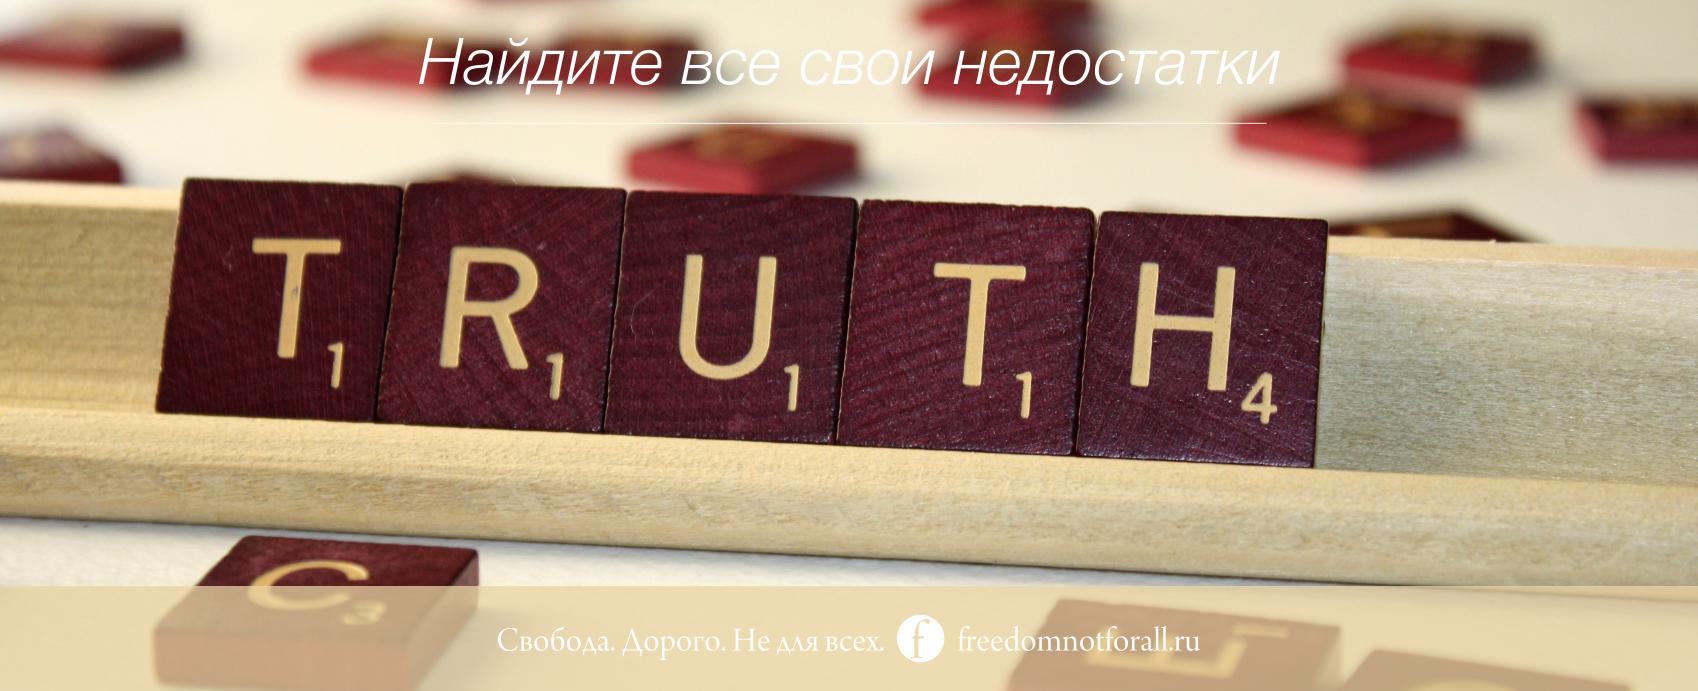 Будьте честны и требовательны — найдите все свои недостатки | Возражения, Часть 2